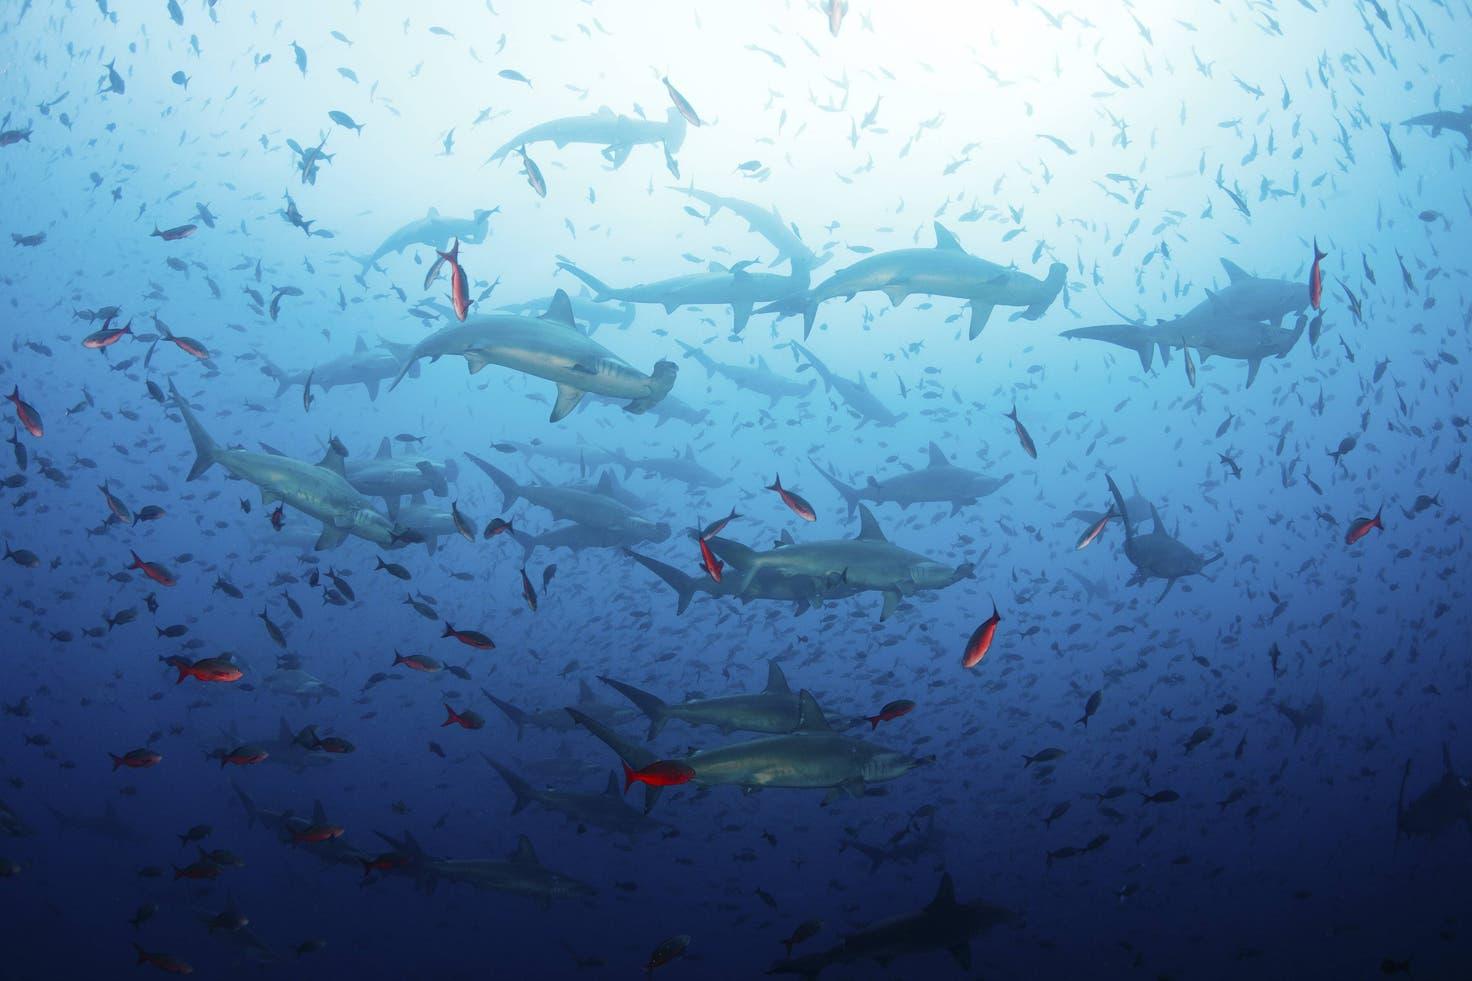 παράνομη αλιεία - καρχαρίες